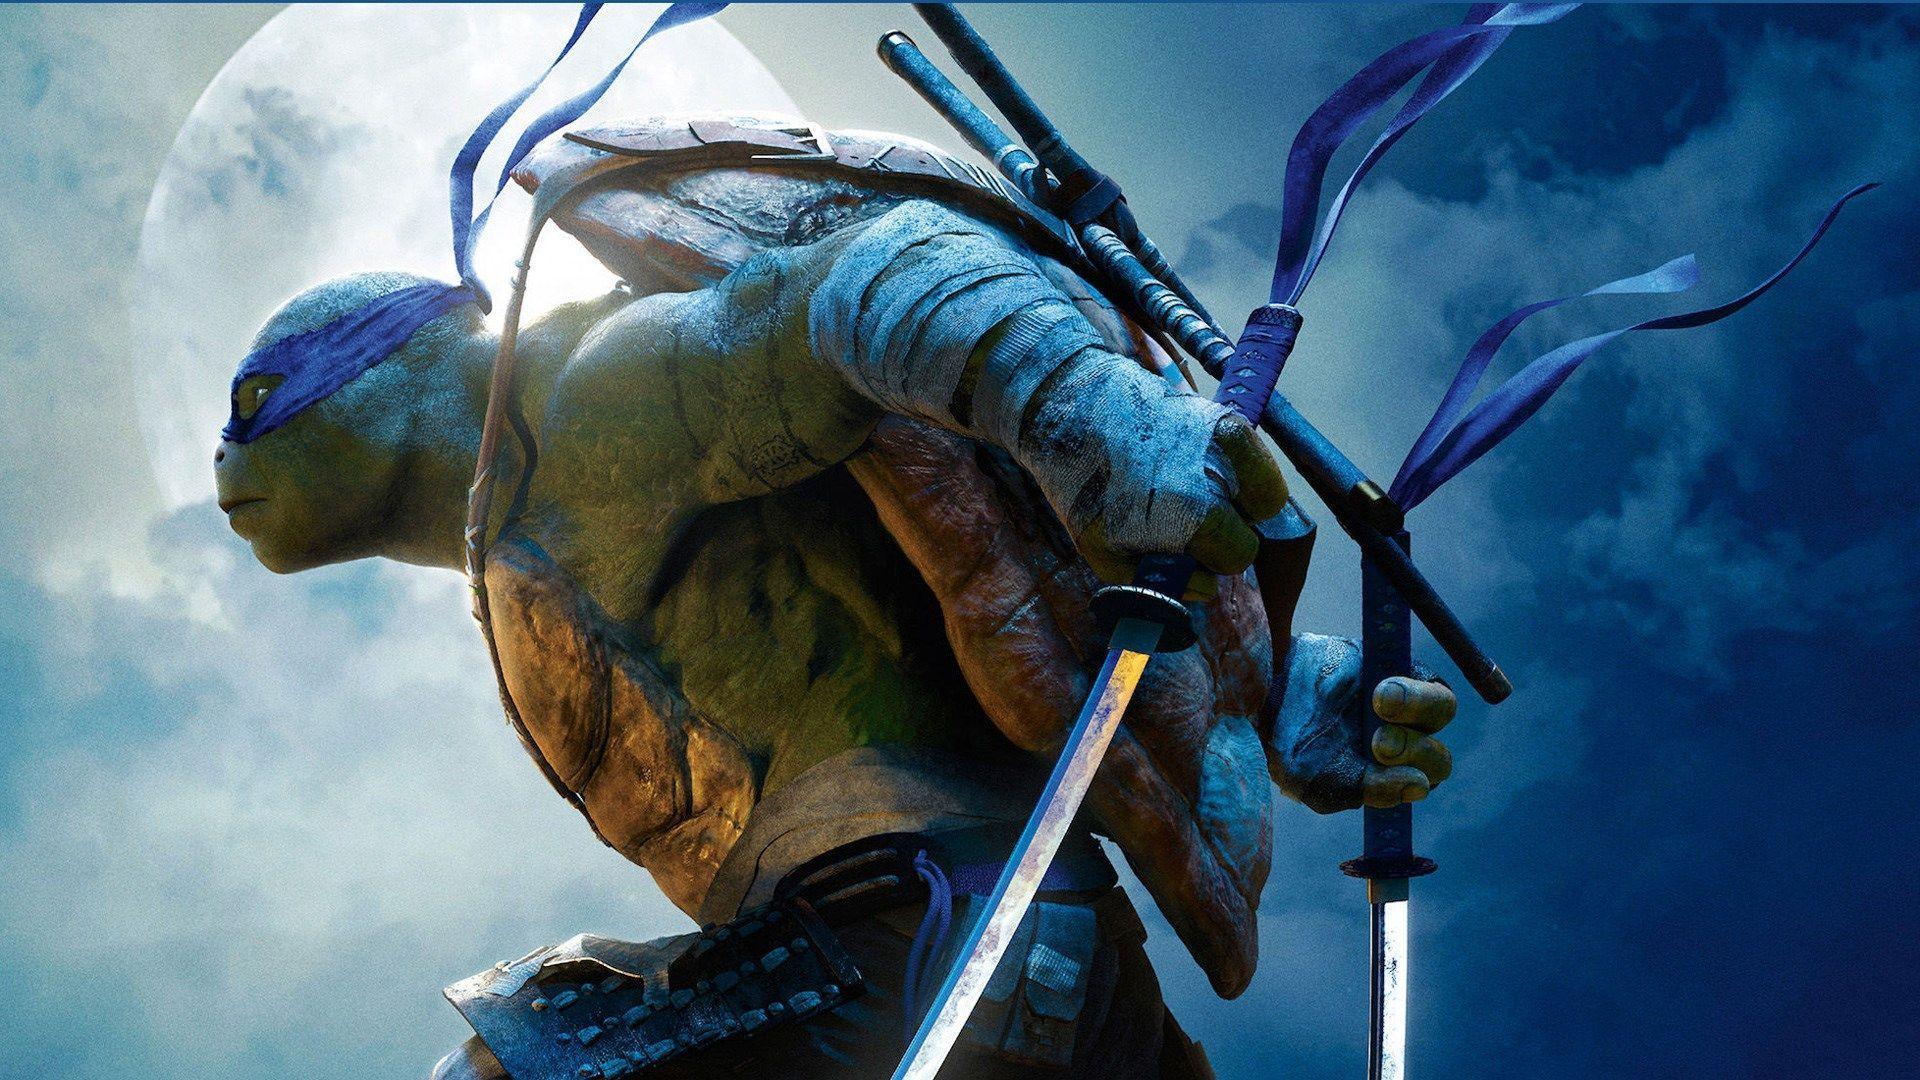 Teenage Mutant Ninja Turtles Leonardo Wallpapers ...